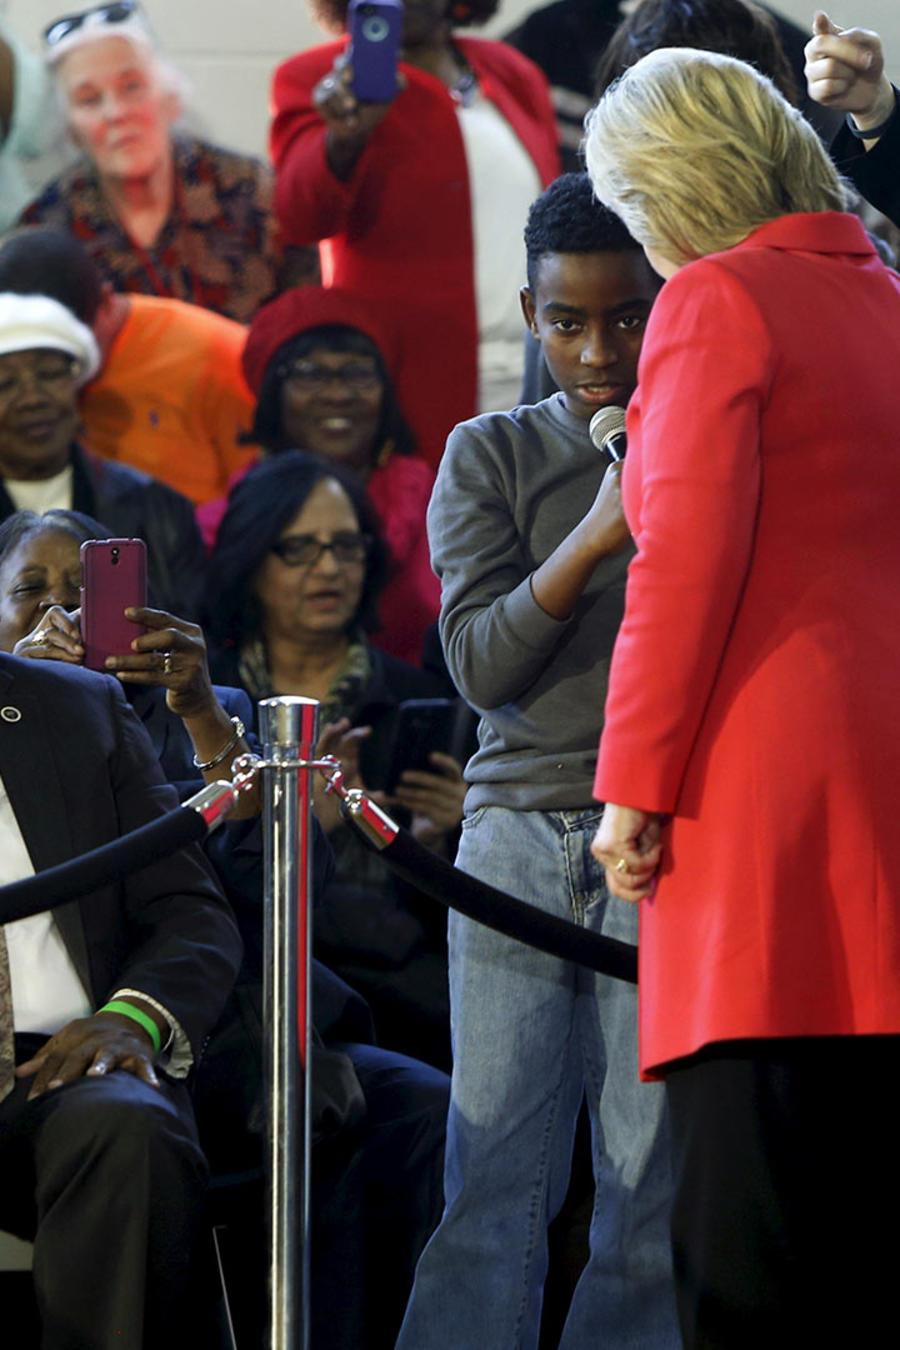 Minorías podrían decidir primarias en Carolina del Sur